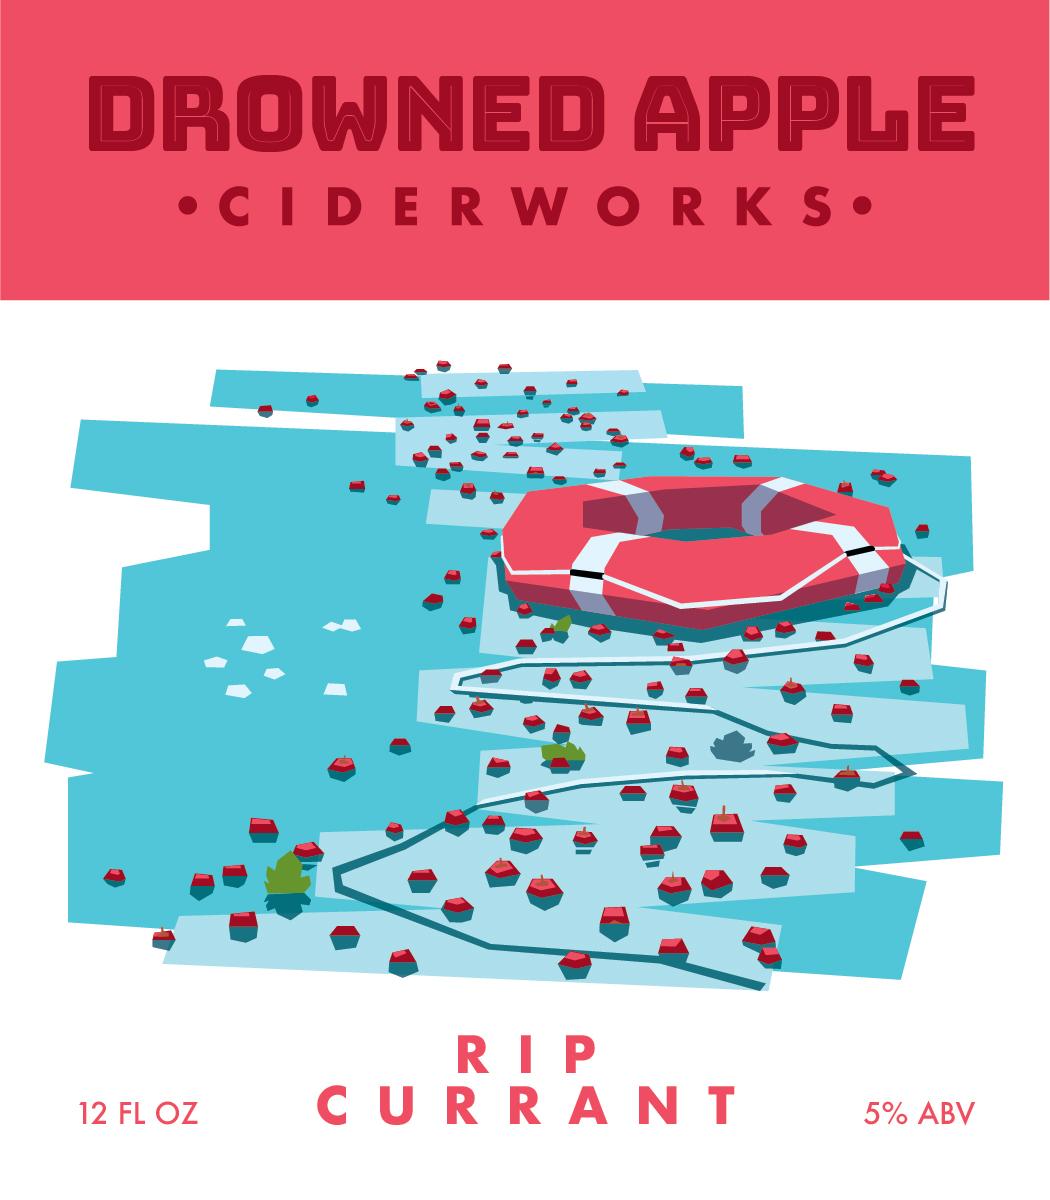 Drowned Apple3.jpg